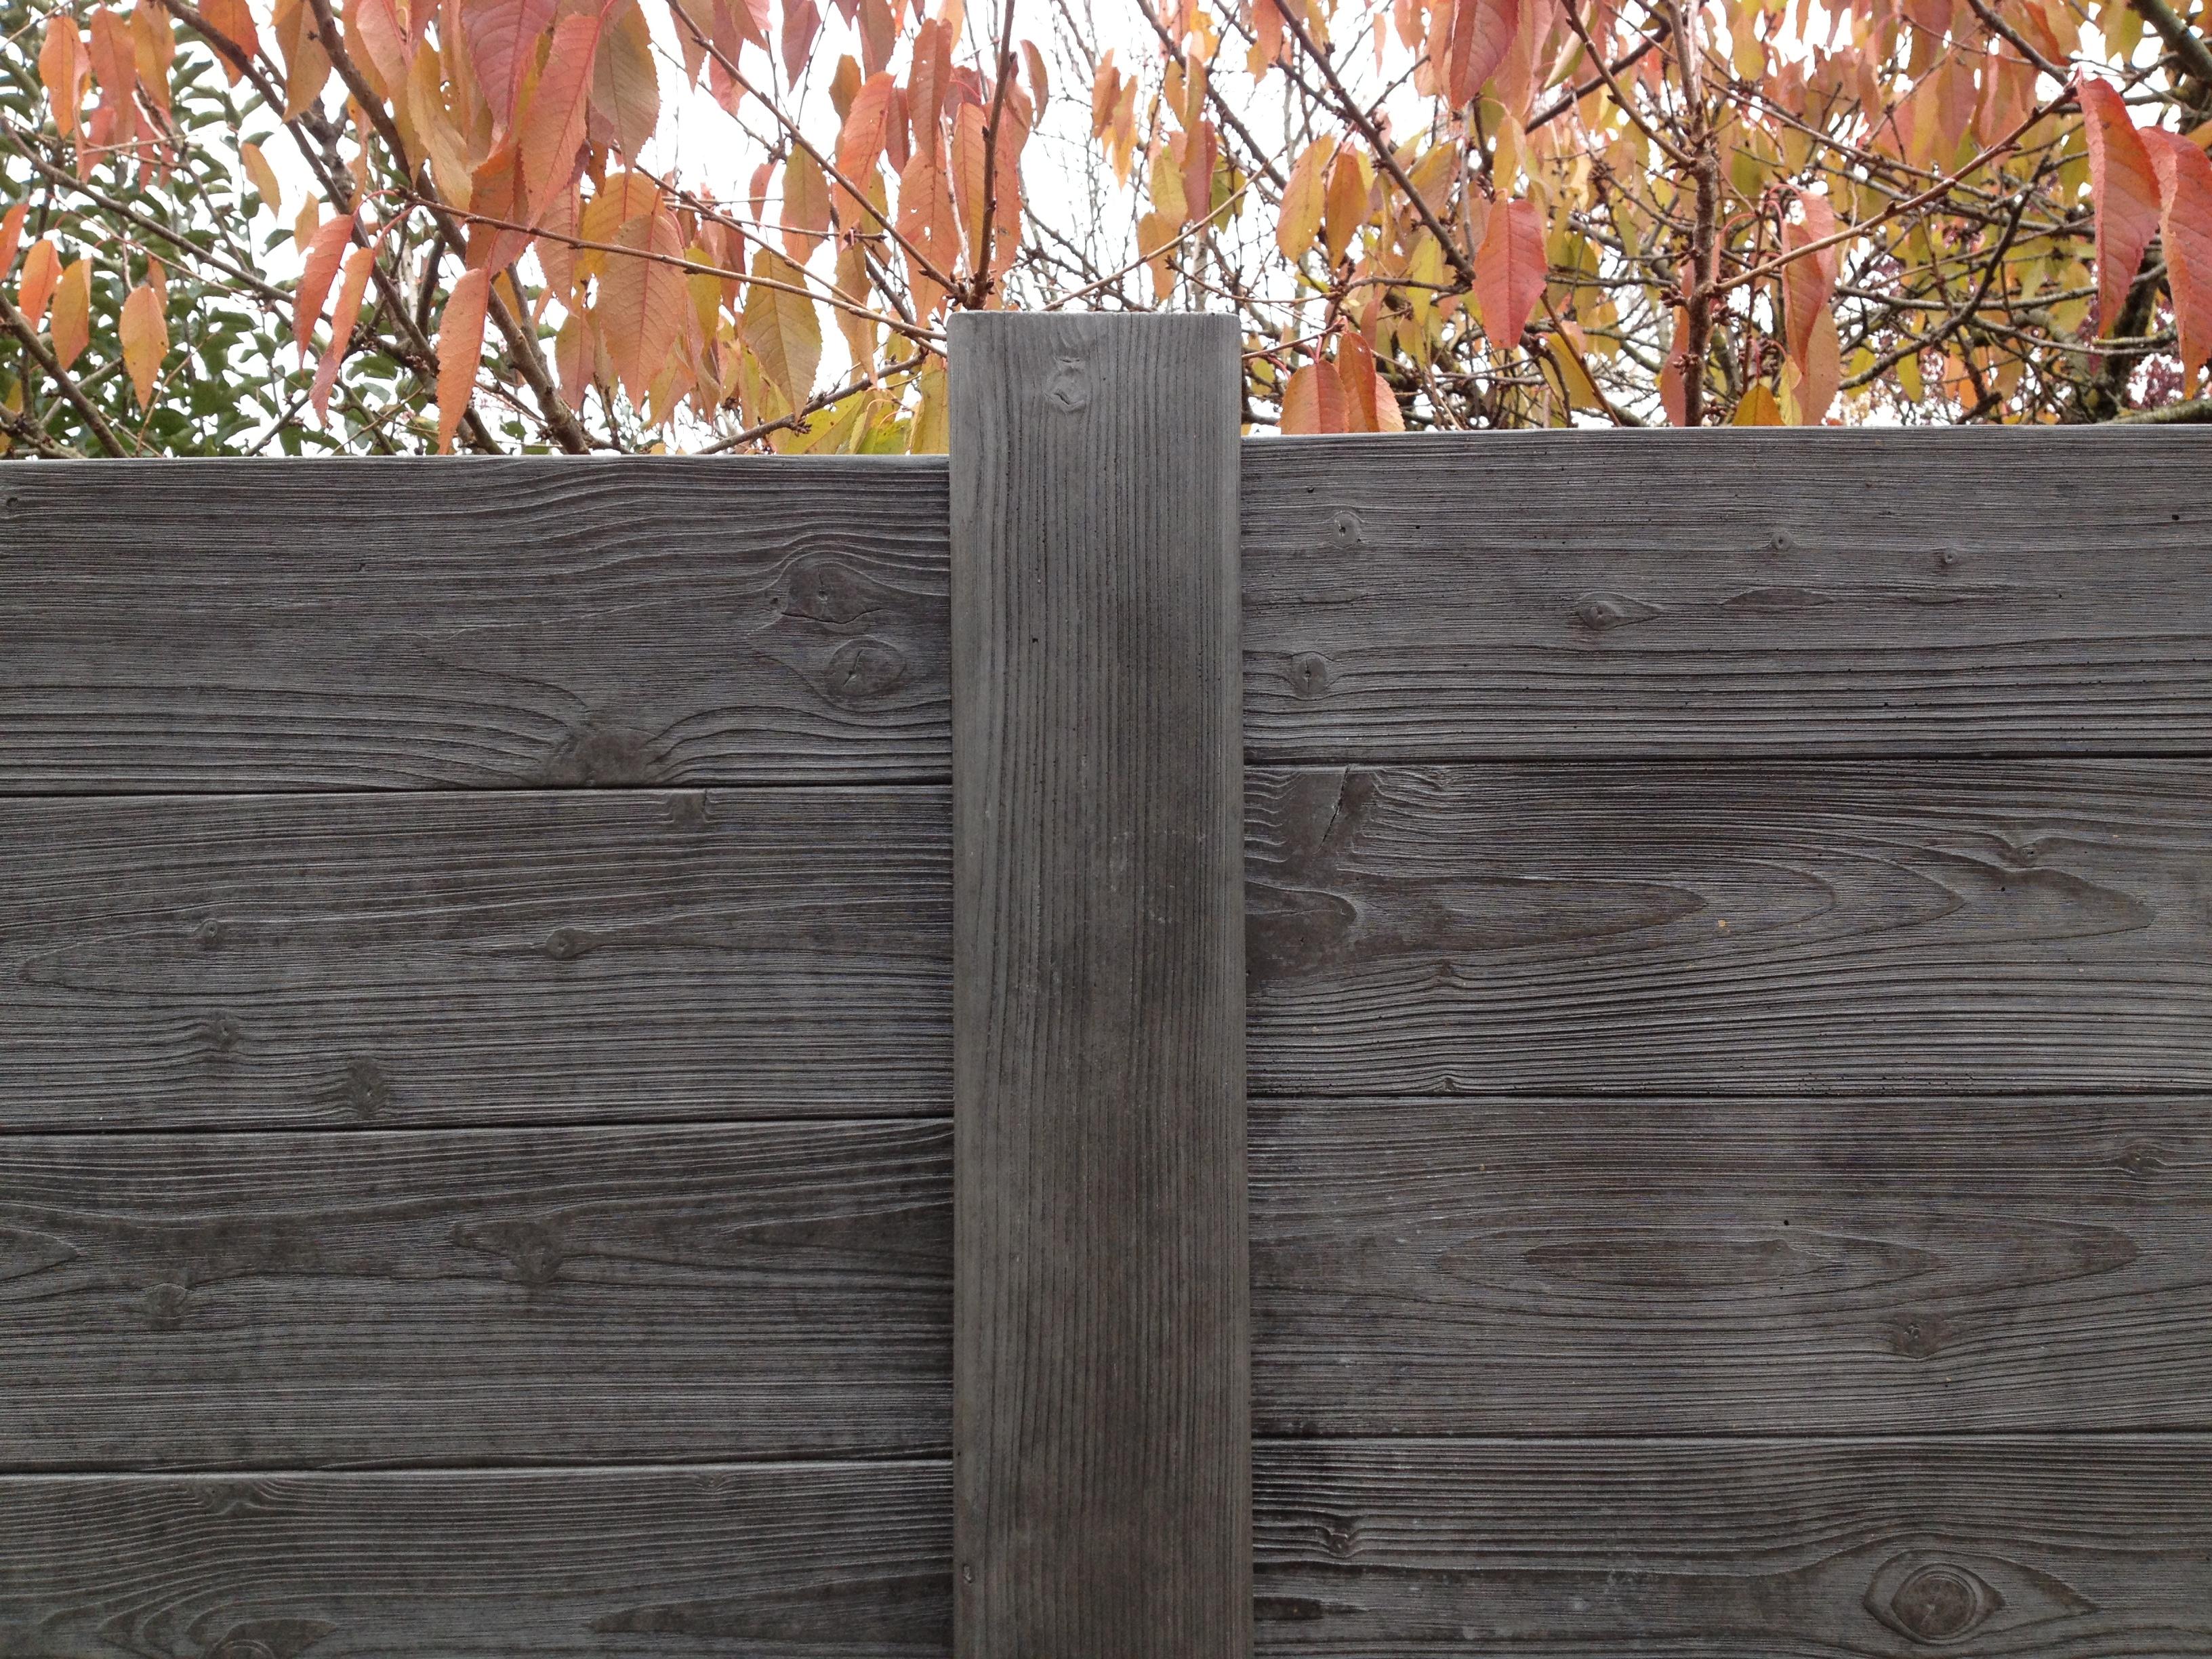 Prix D Un Mur De Cloture En Plaque De Beton clôture imitation bois - modèle bacara - société méhat